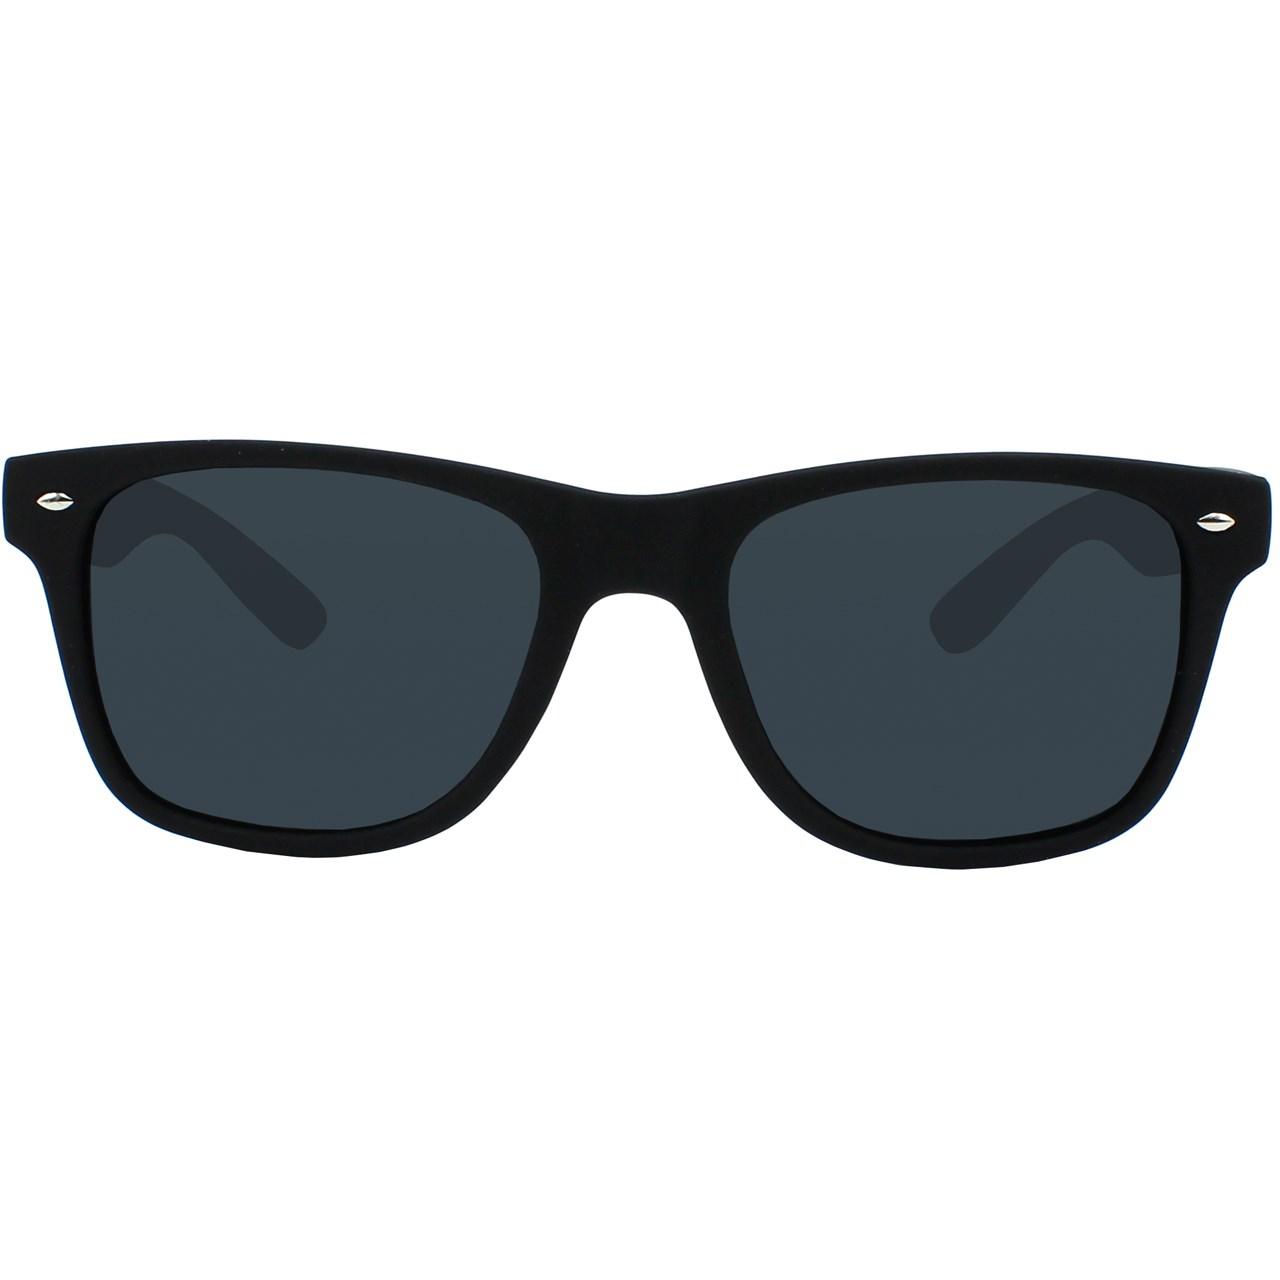 قیمت عینک آفتابی زنانه مدل Alunix B59